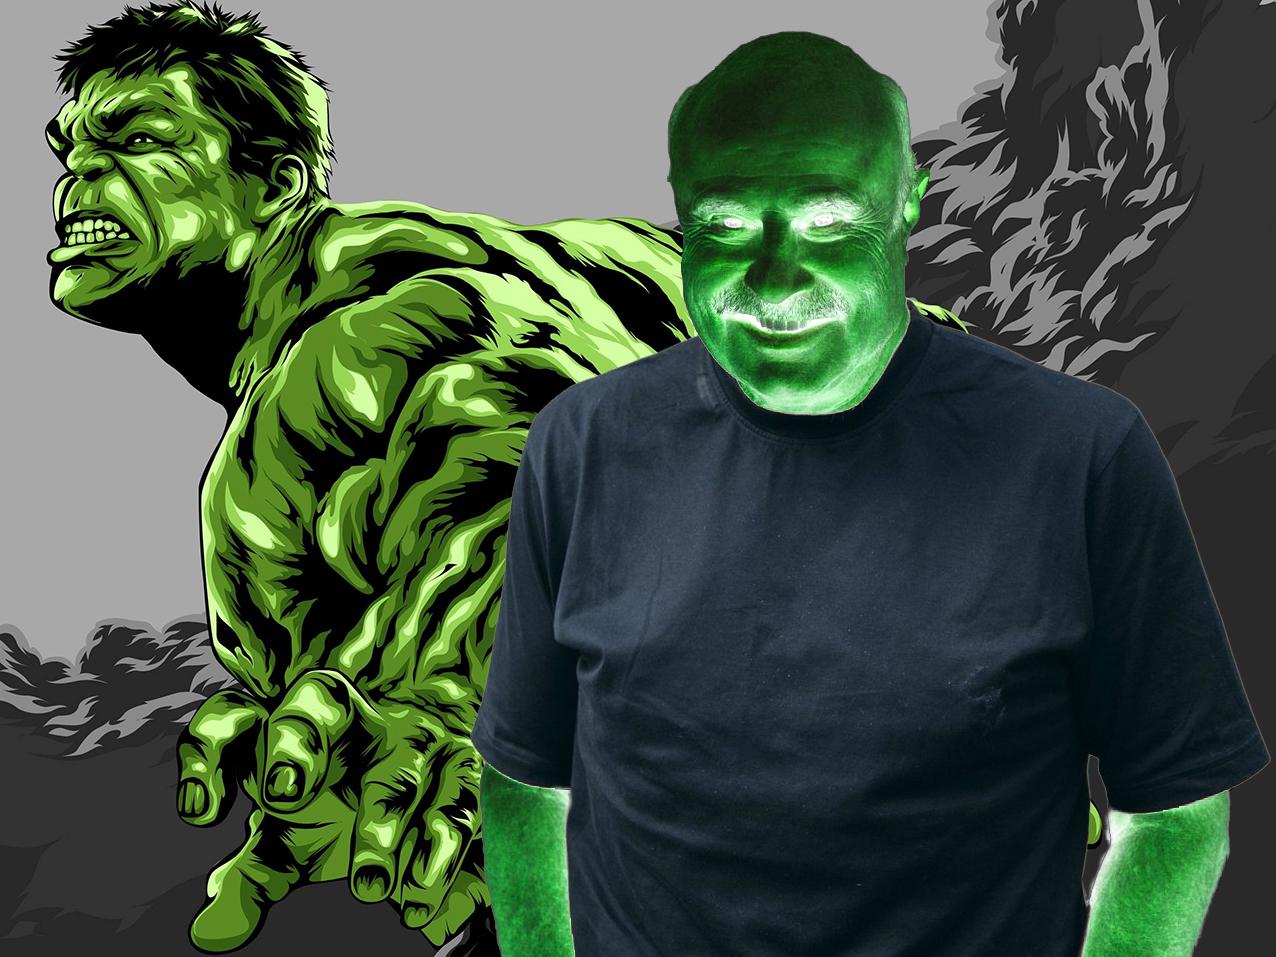 Hulk Phill